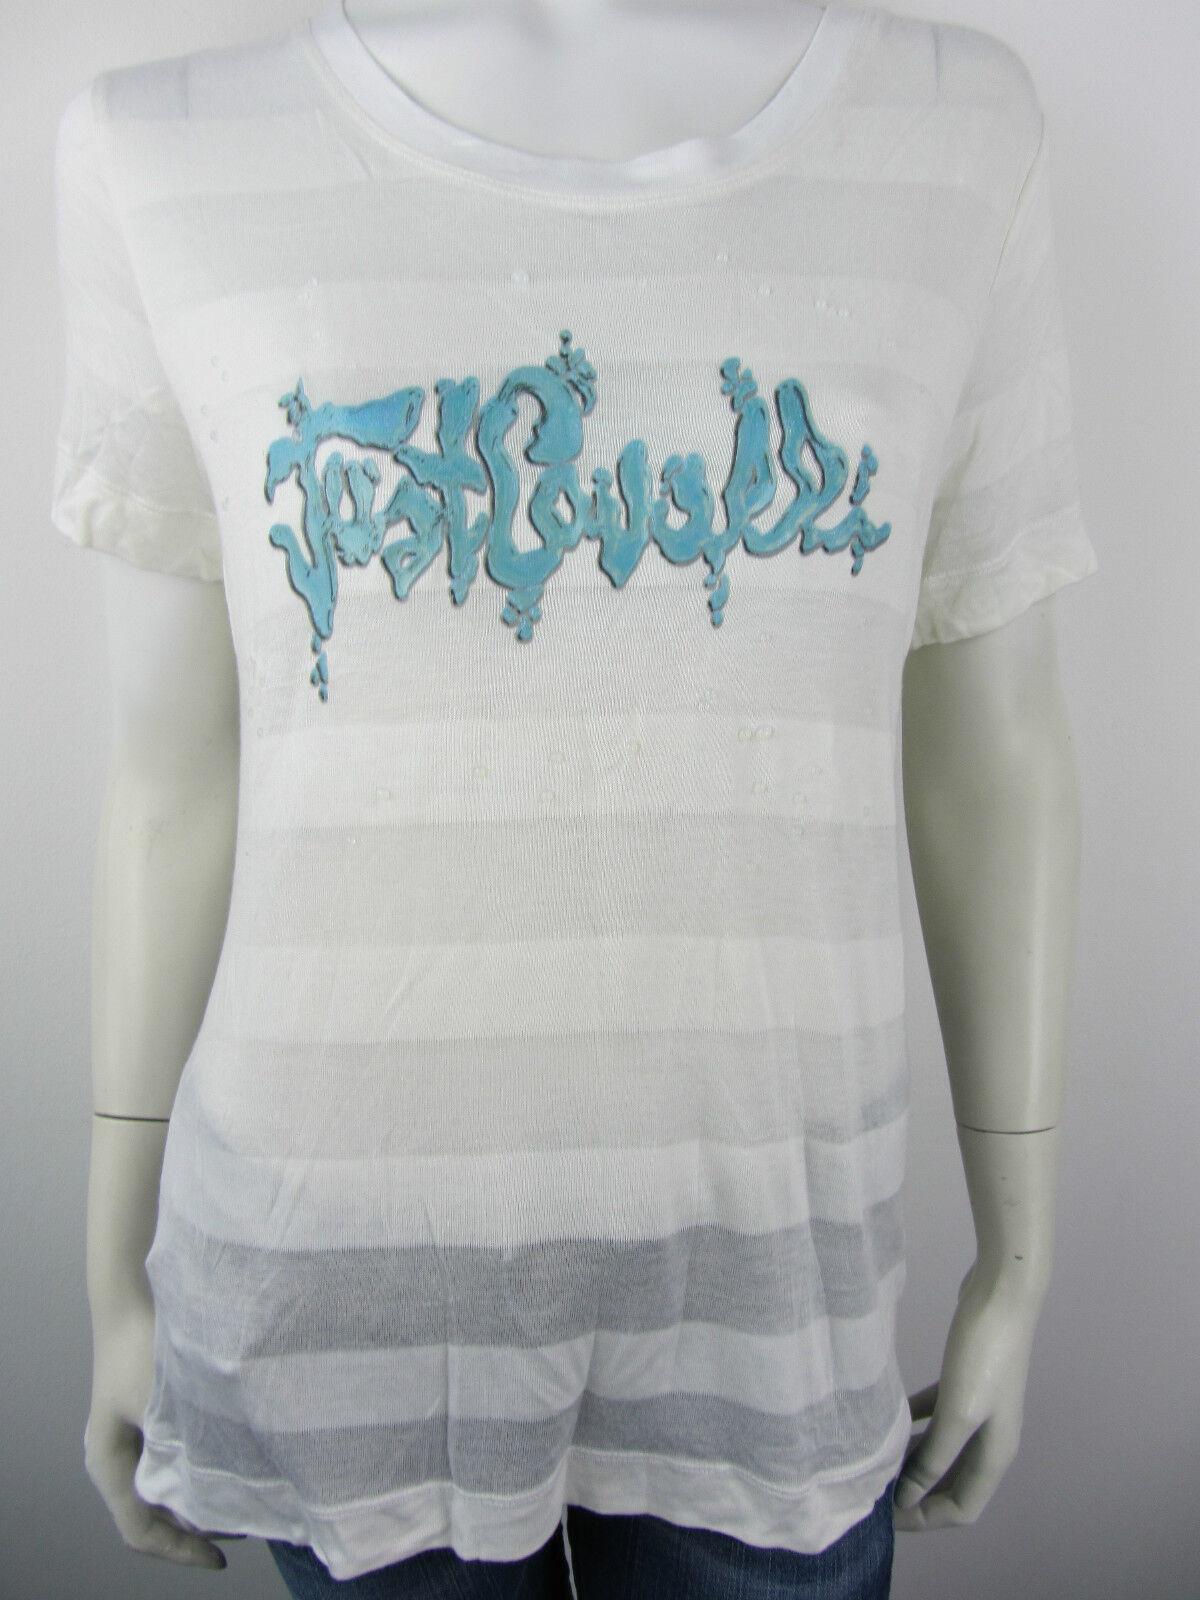 Just Cavalli Top Shirt T-Shirt Pailetten  XL UVP